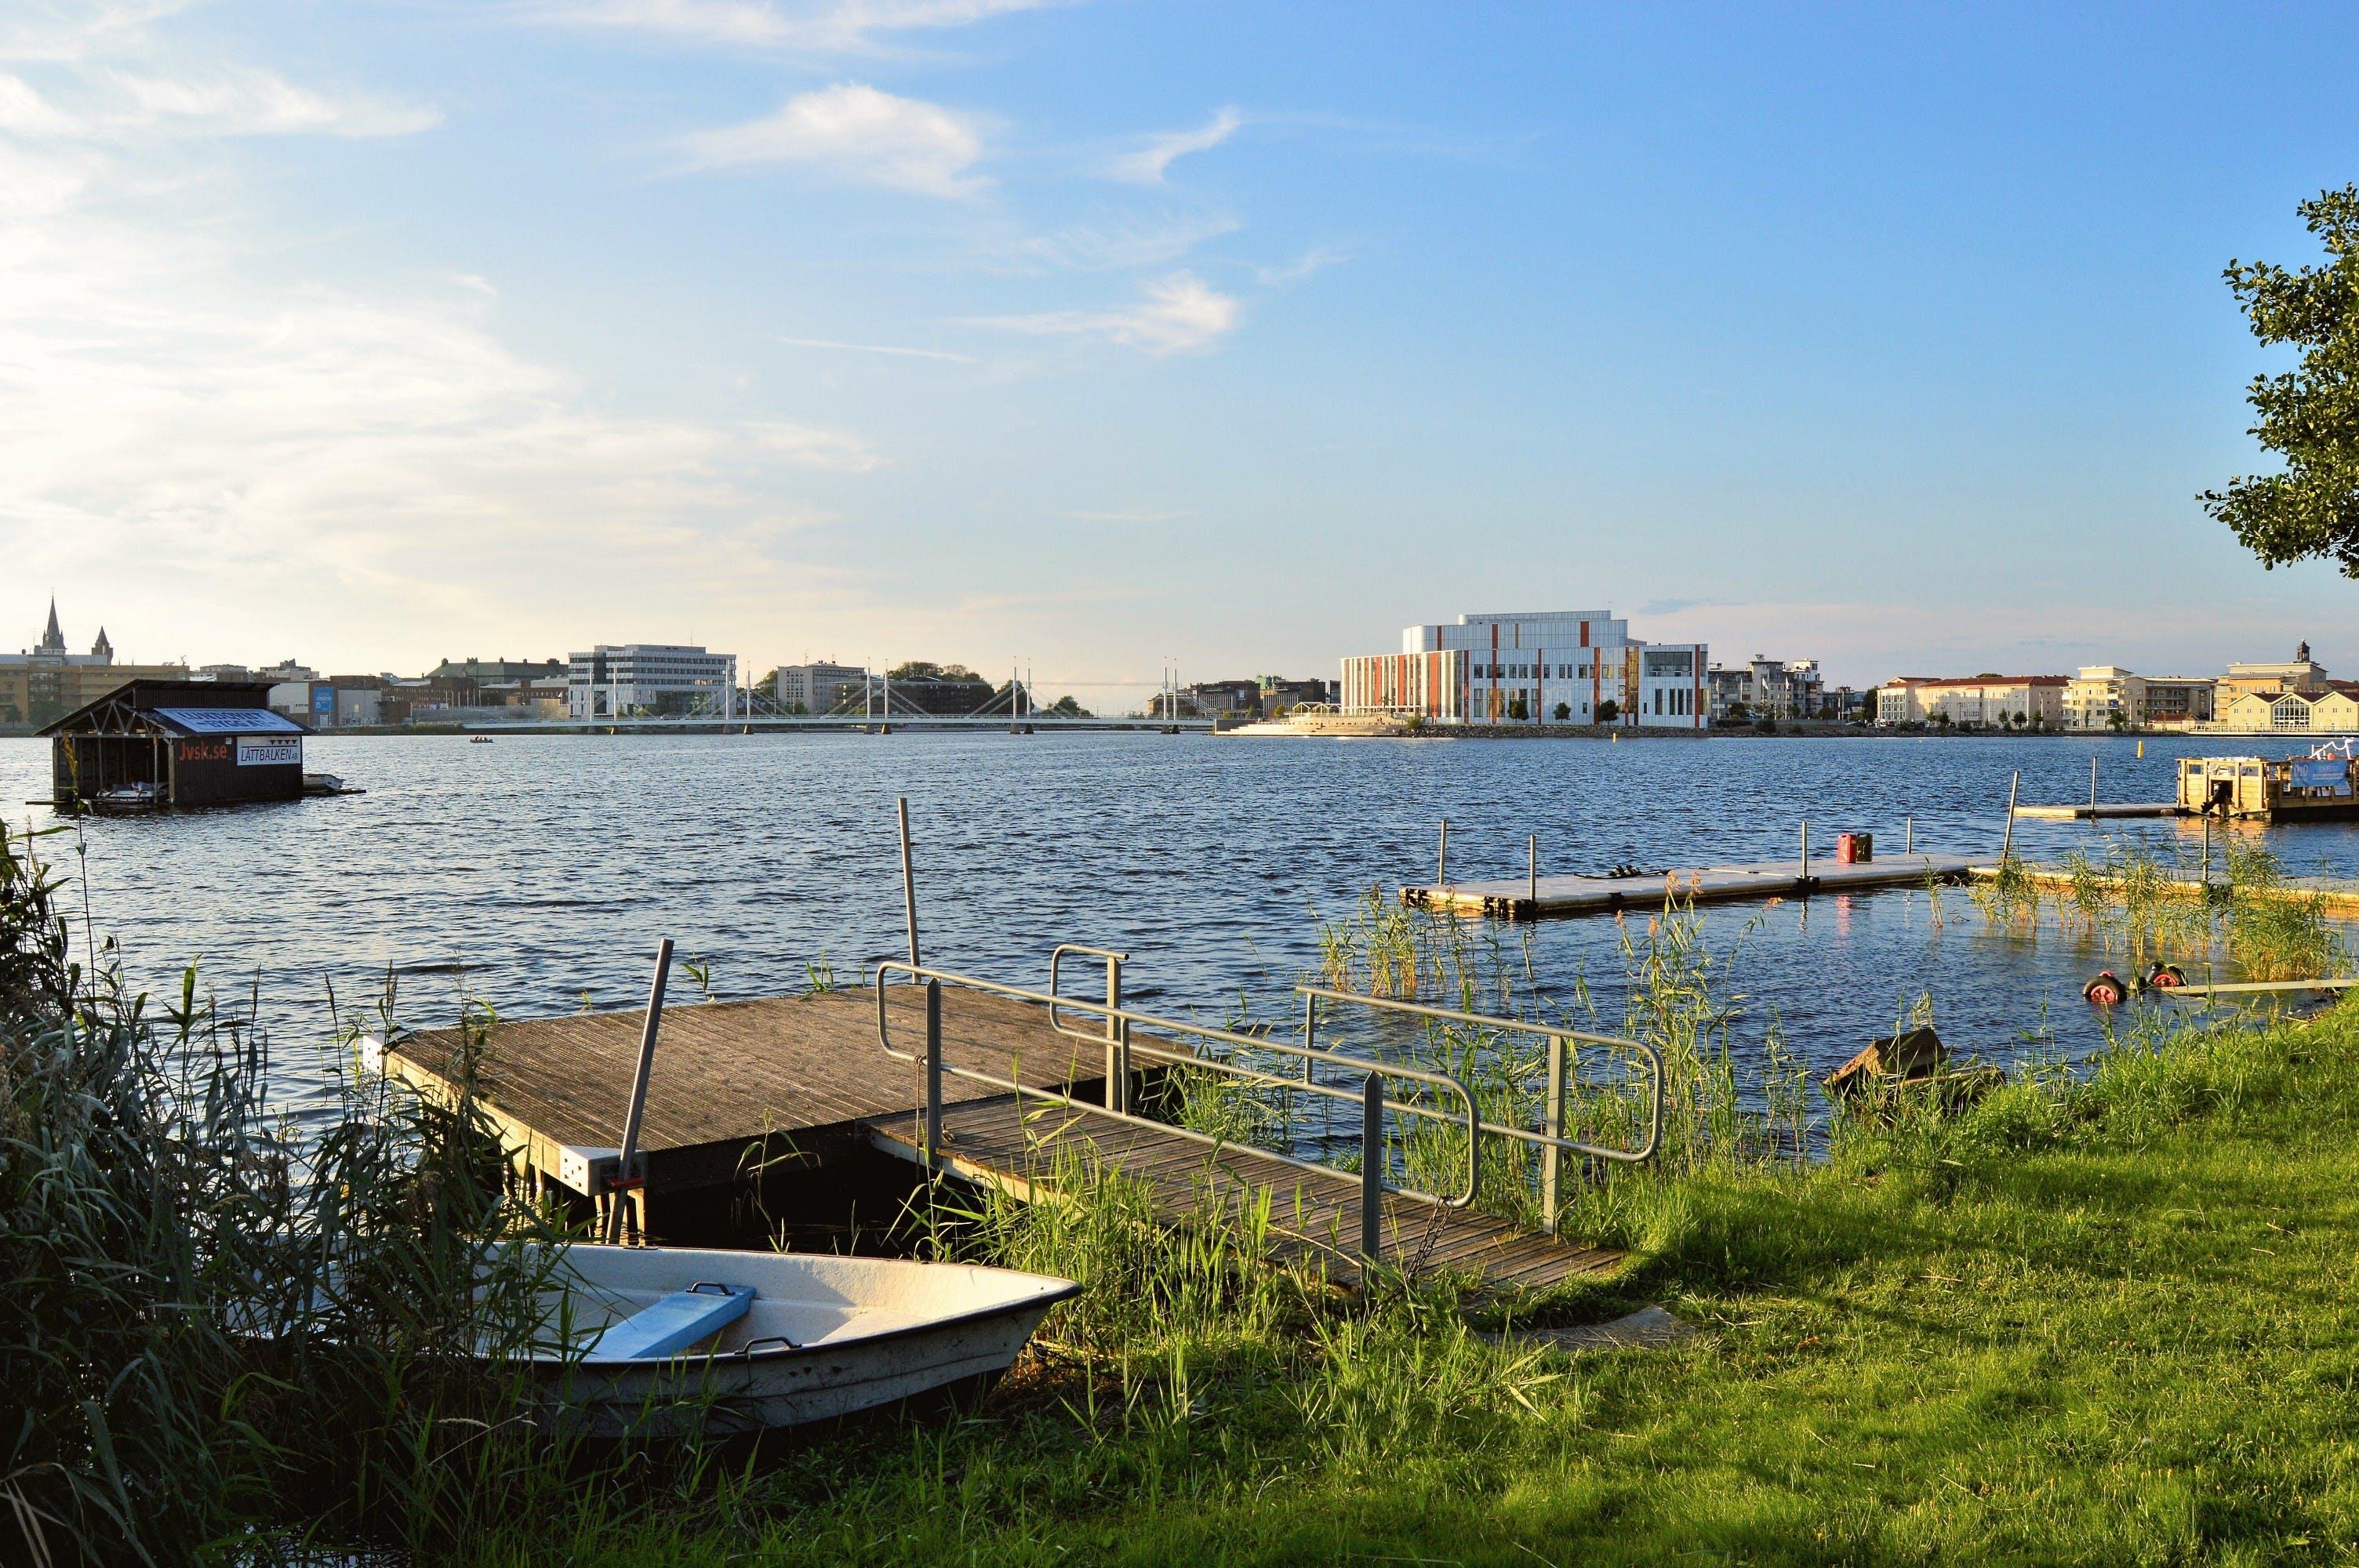 Fotos de stock gratuitas de agua, jönköping, puente, Suecia